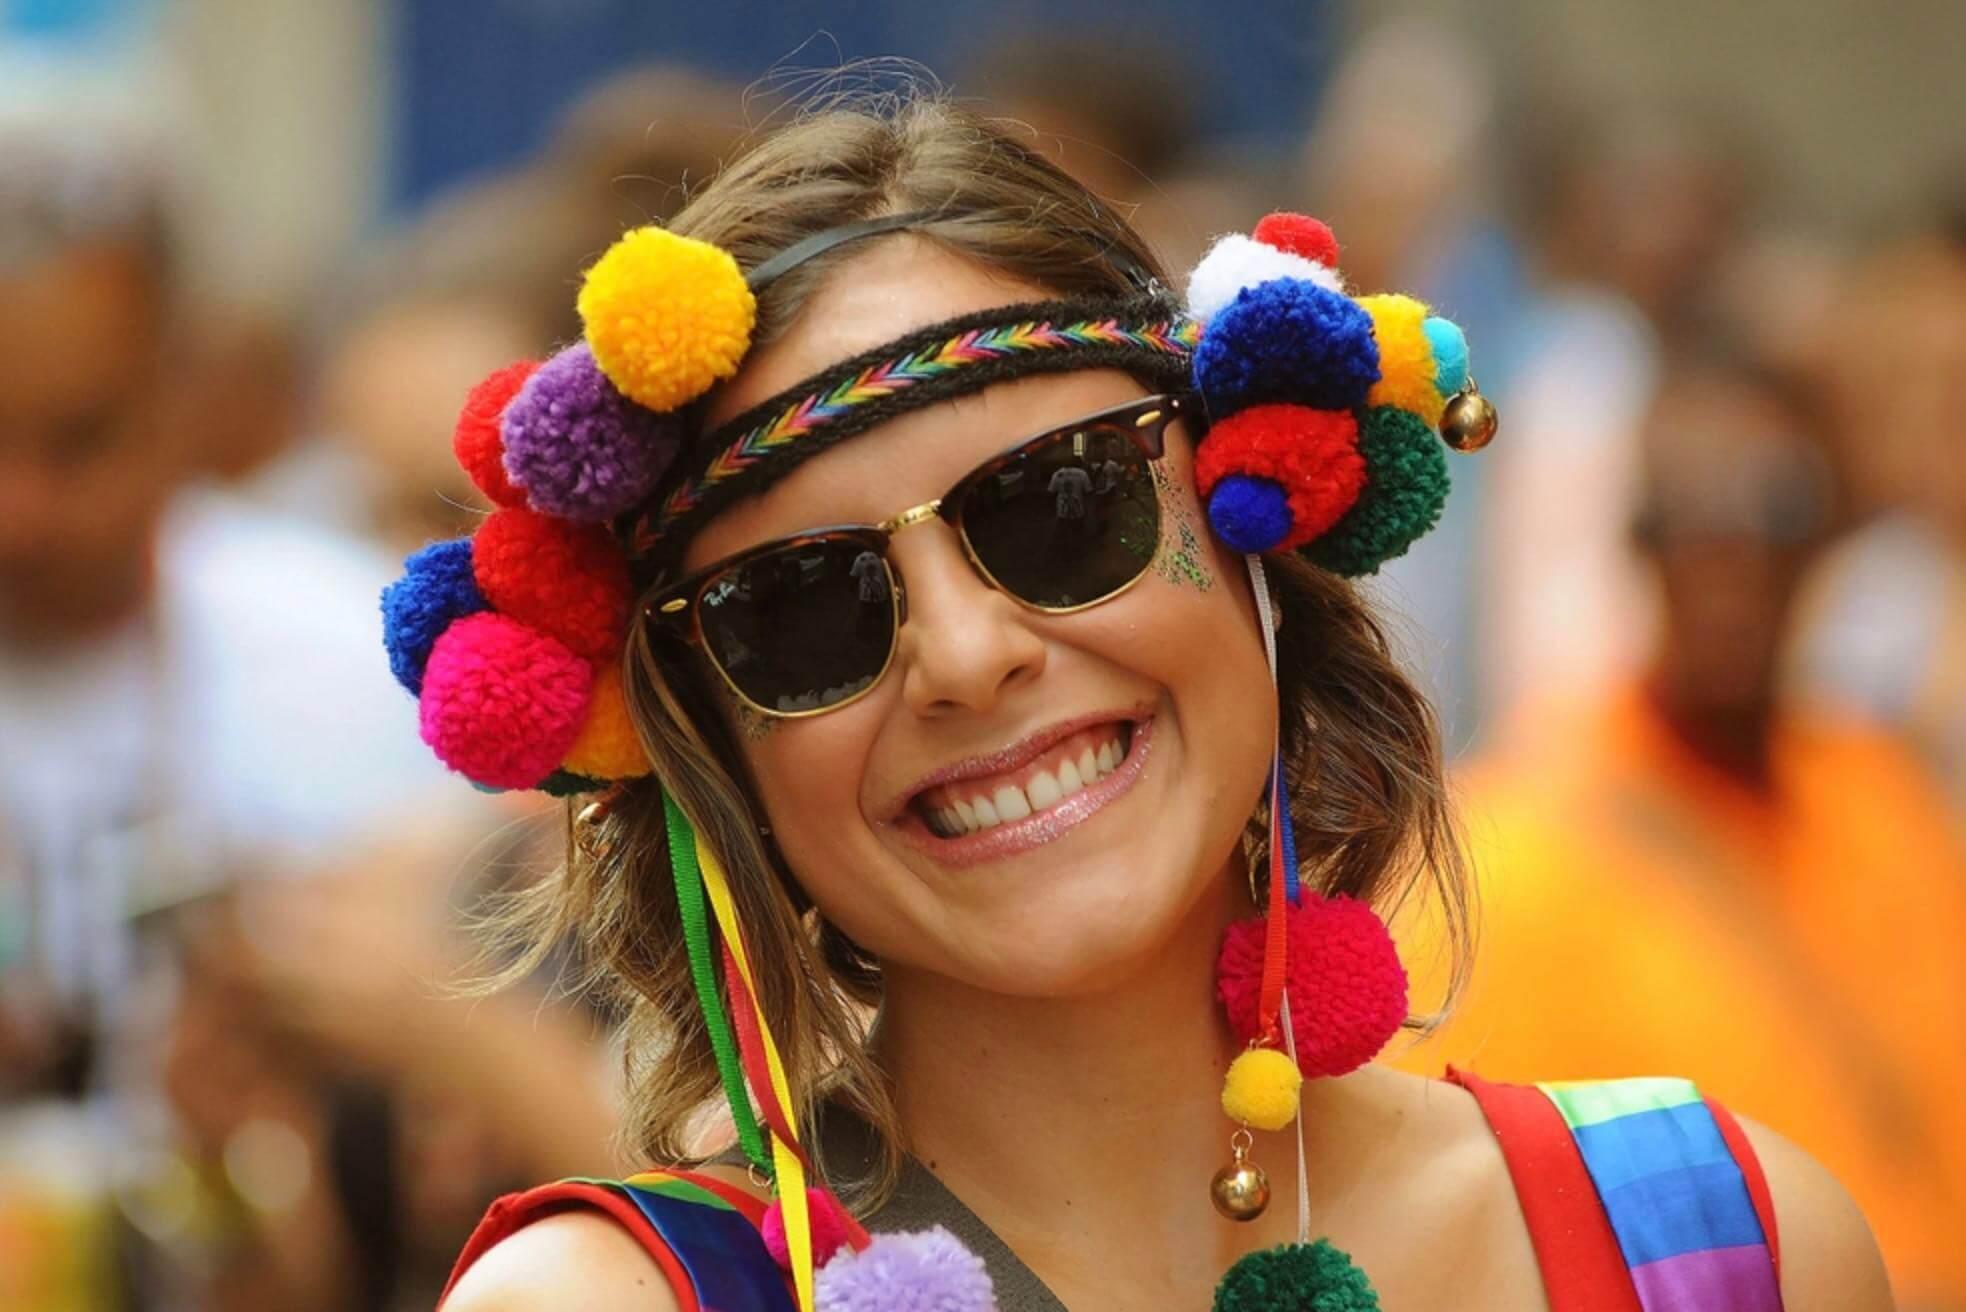 Fantasias de Carnaval 2020- As opções mais criativas e fáceis para você